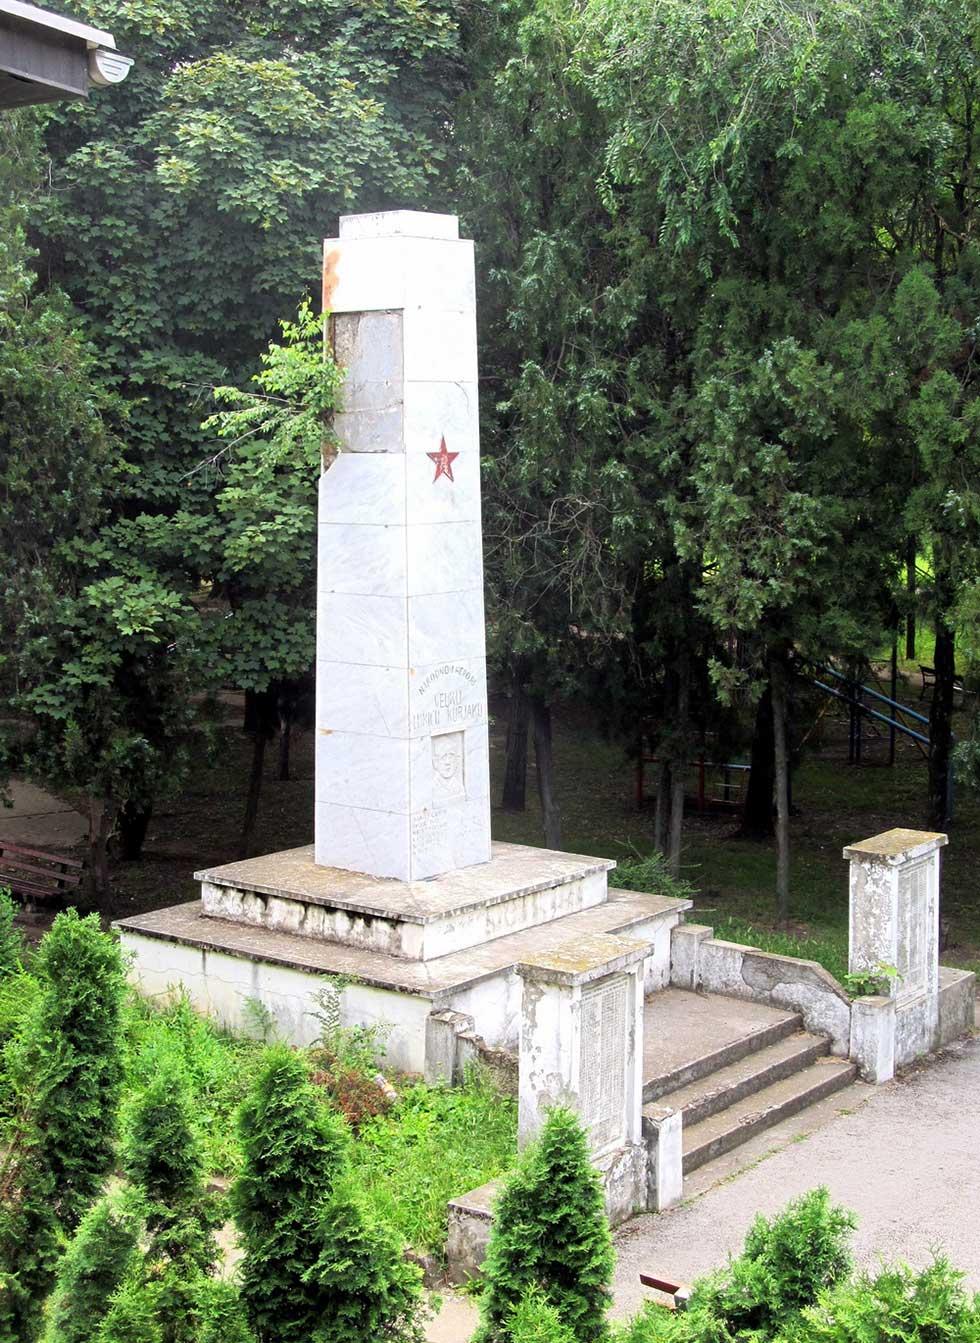 spomenik veljku lukiću kurjaku